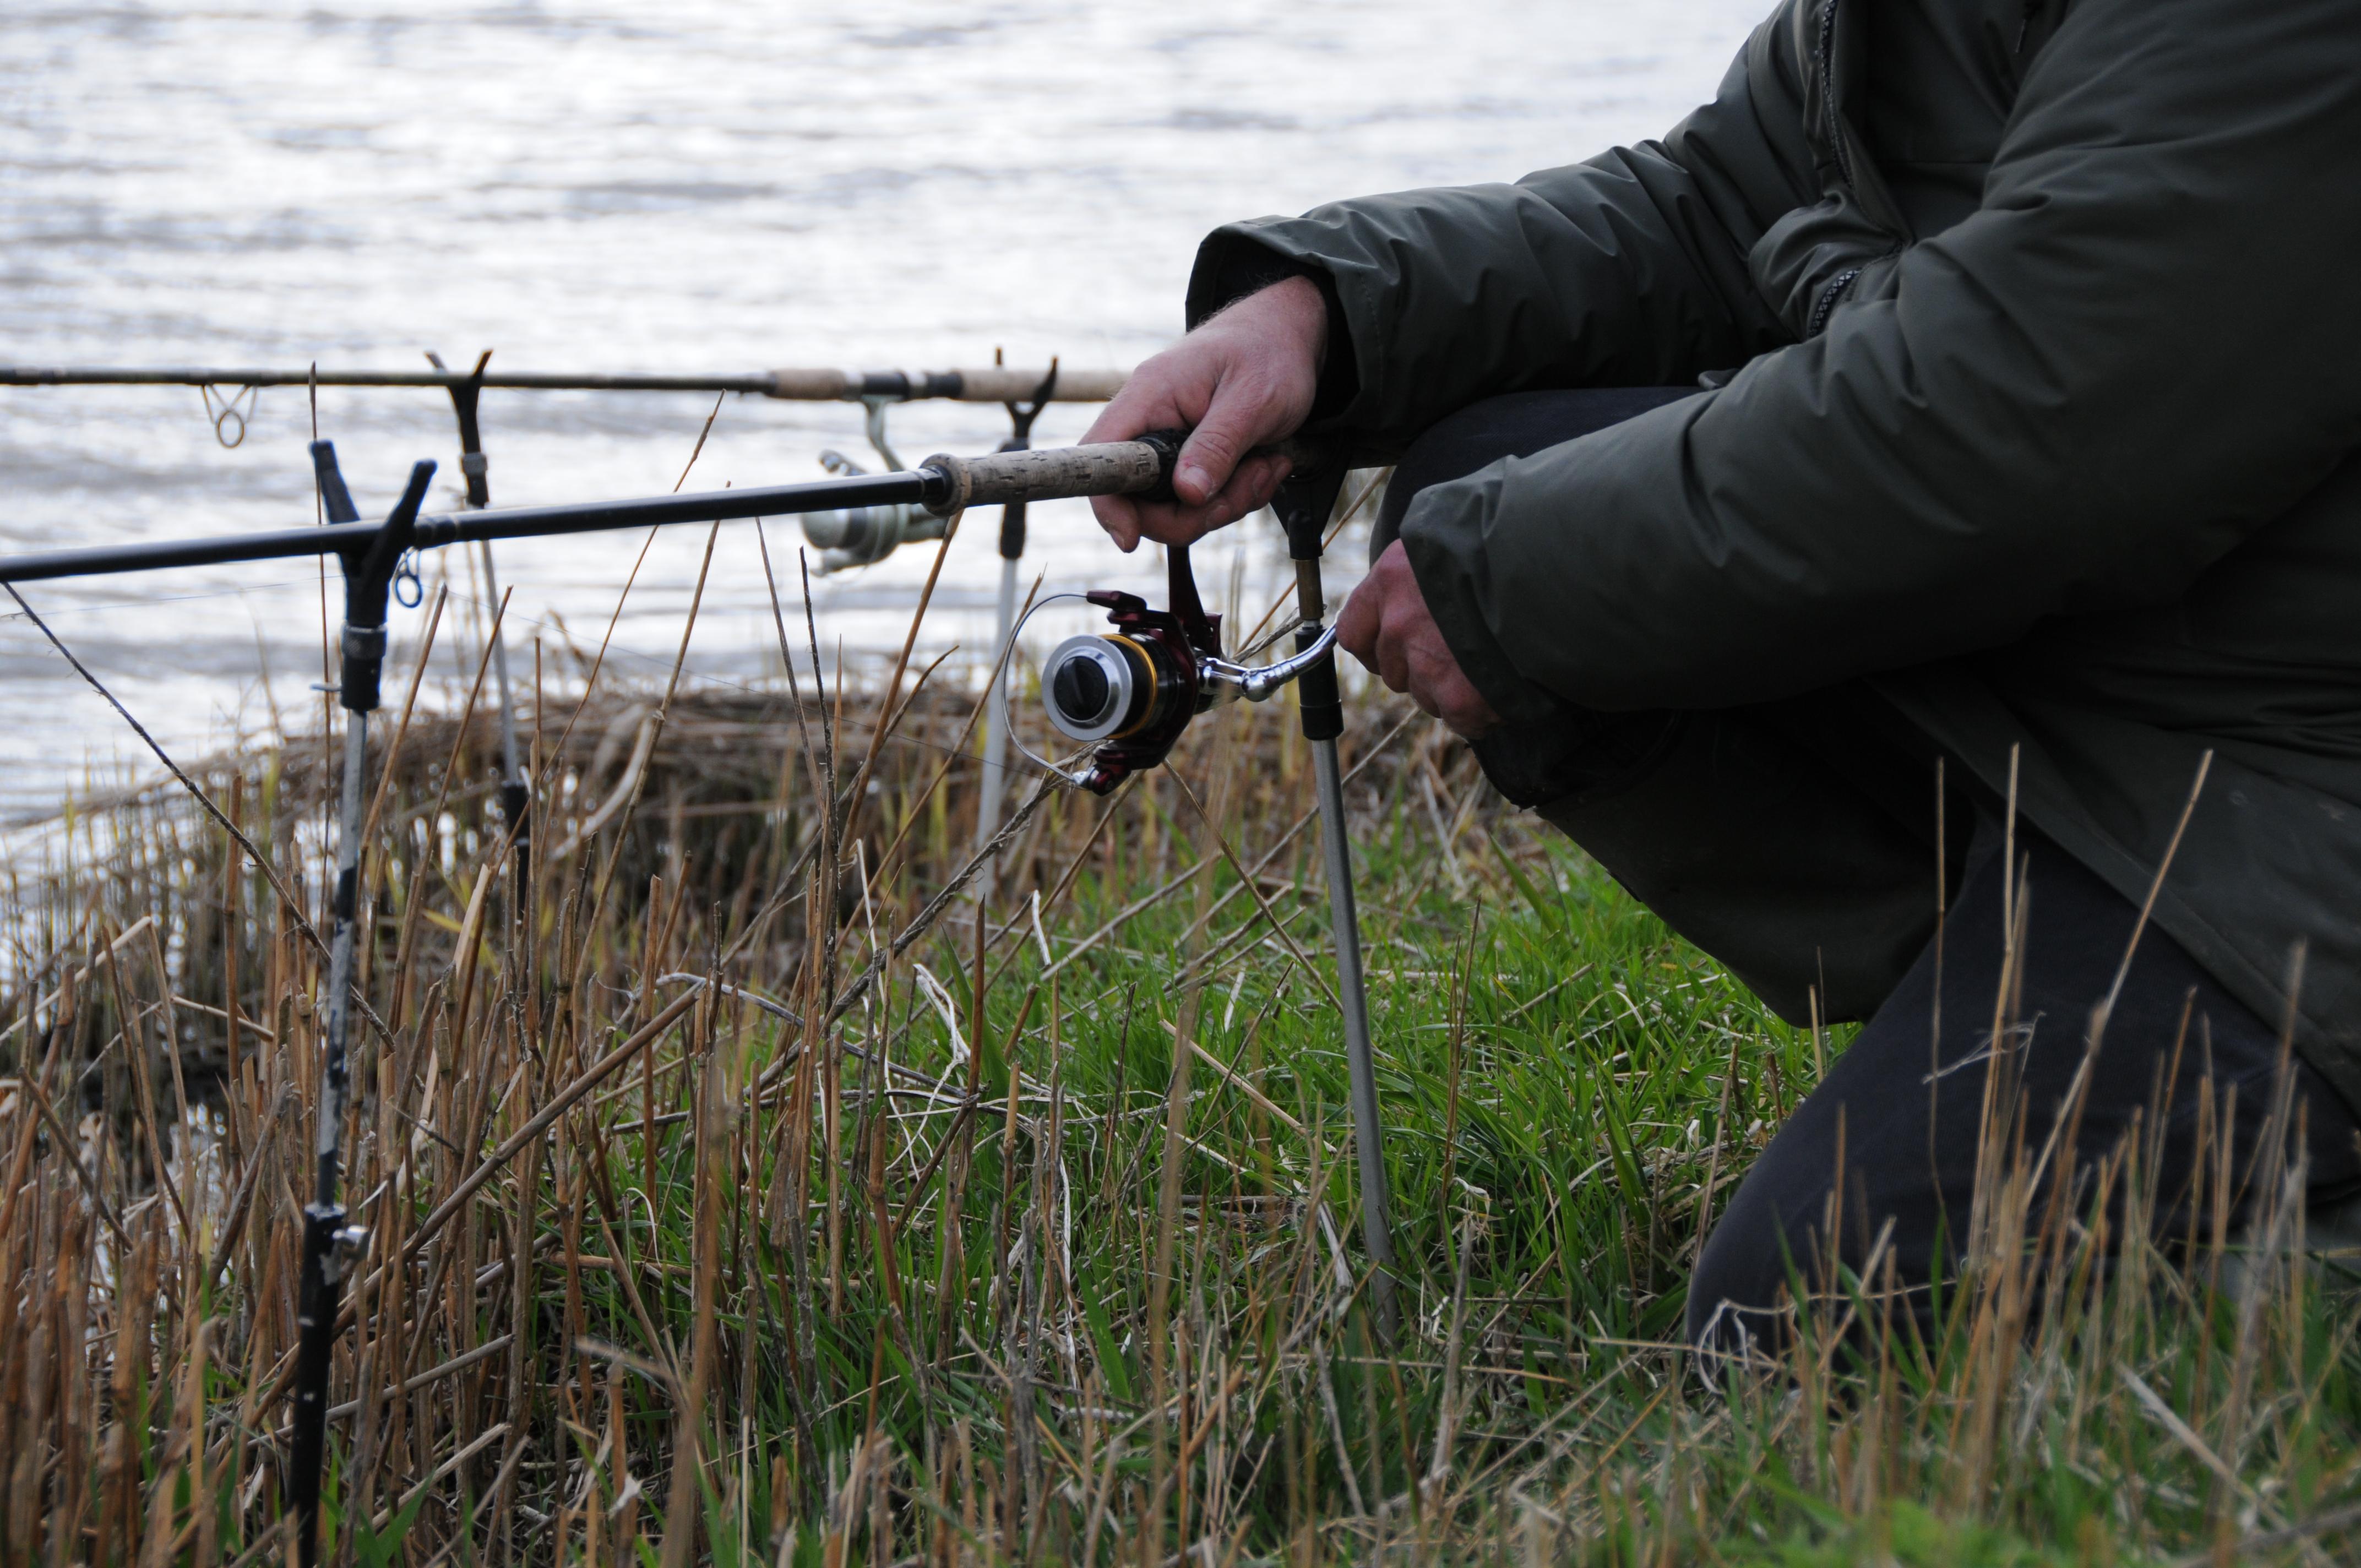 Mit dem richtigen Aal-Equipment klappt es auch auf die großen Aale. Foto: S.